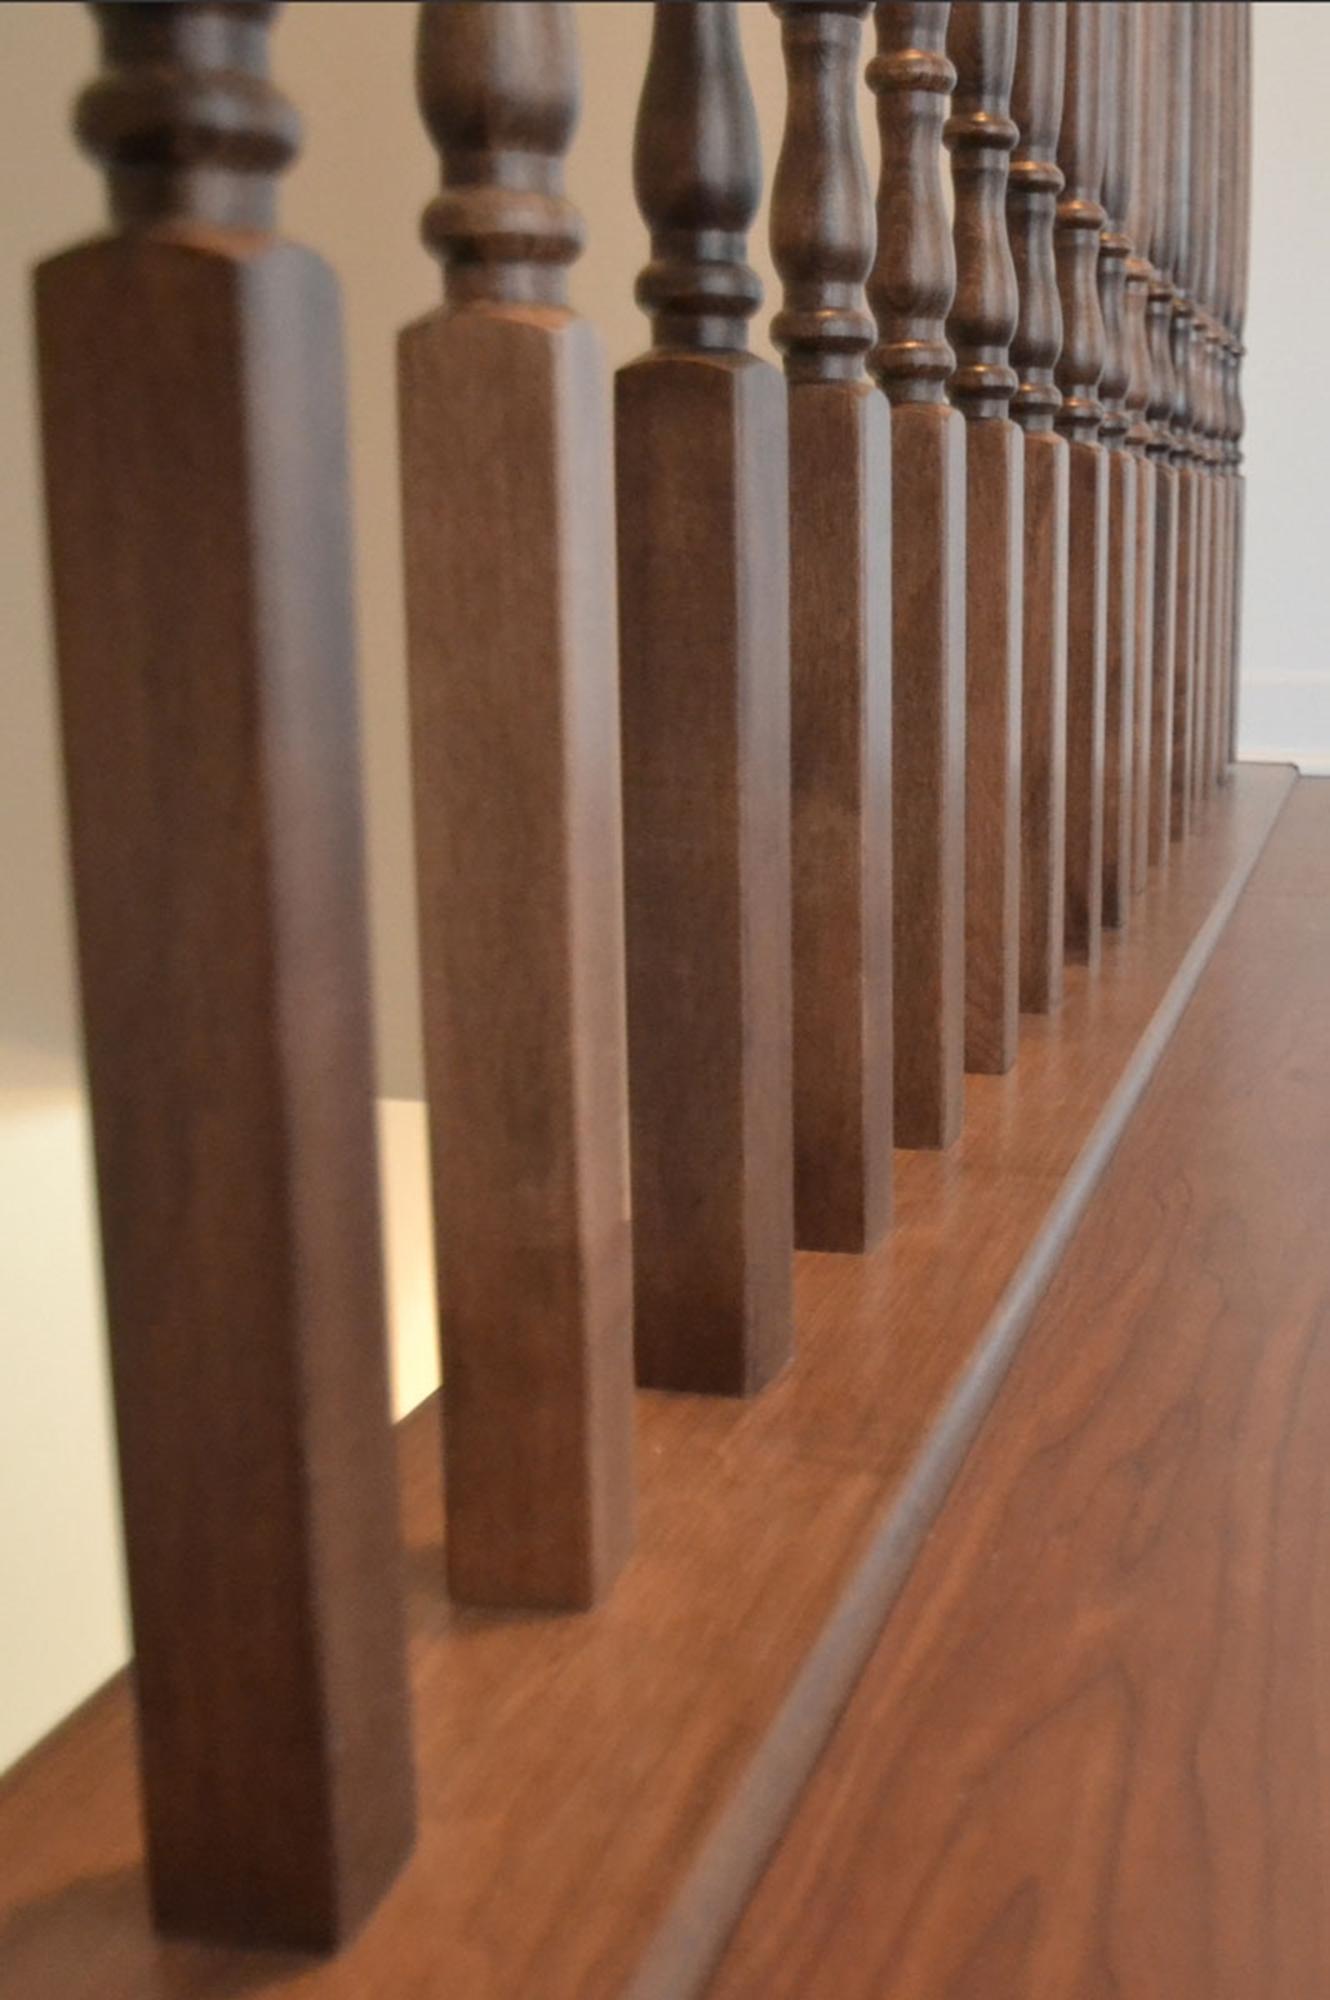 Barreaux de bois